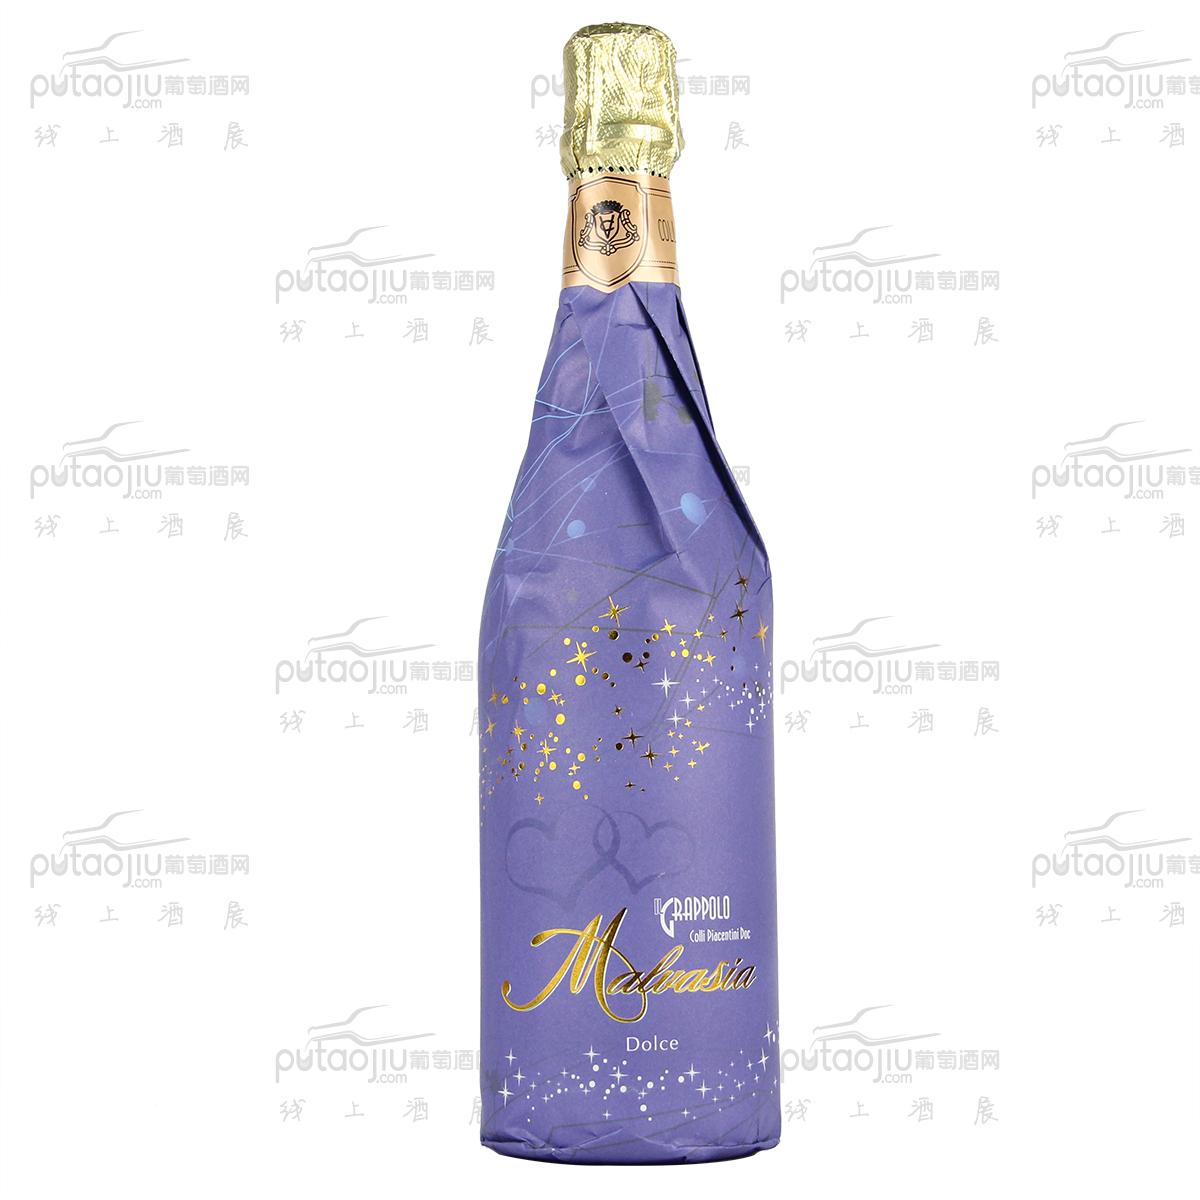 意大利艾米利亚万多酒庄金牌美莎玛尔维萨米兰之花 货号:E DOC起泡酒